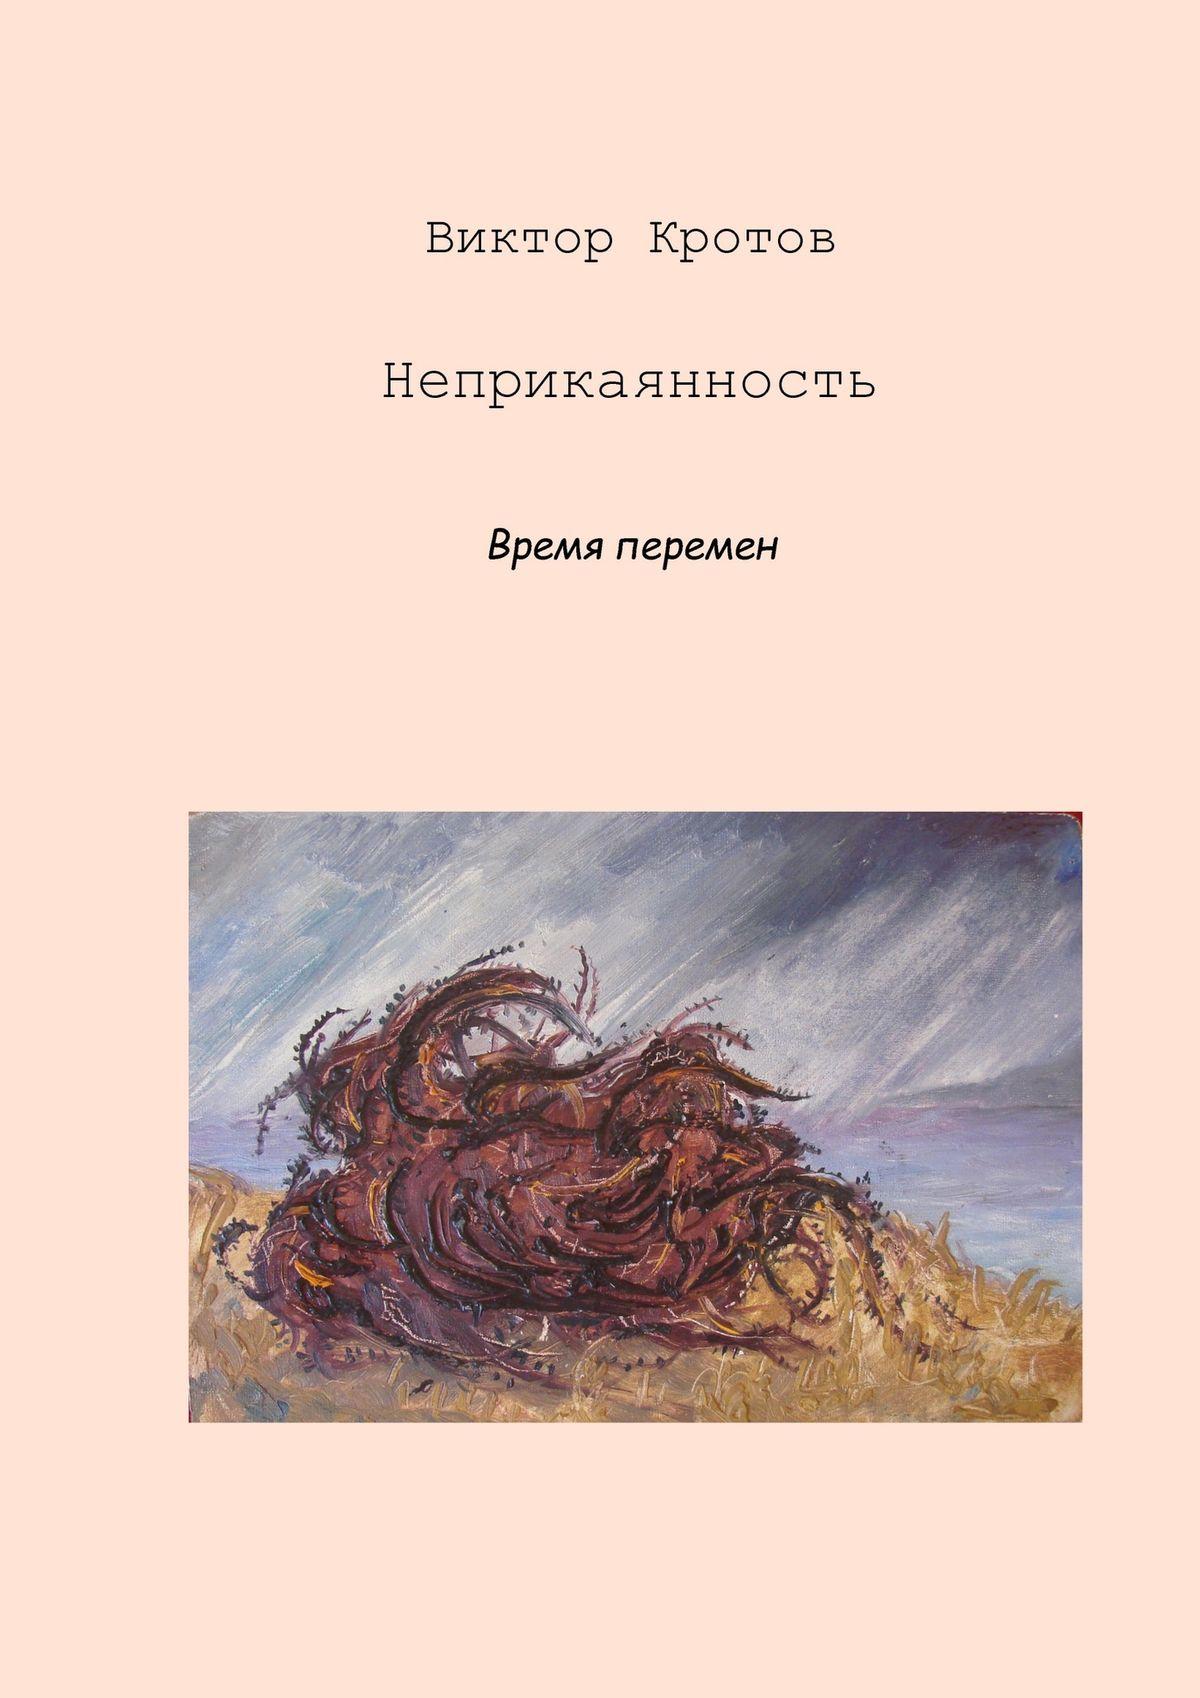 Виктор Гаврилович Кротов Неприкаянность. Время перемен